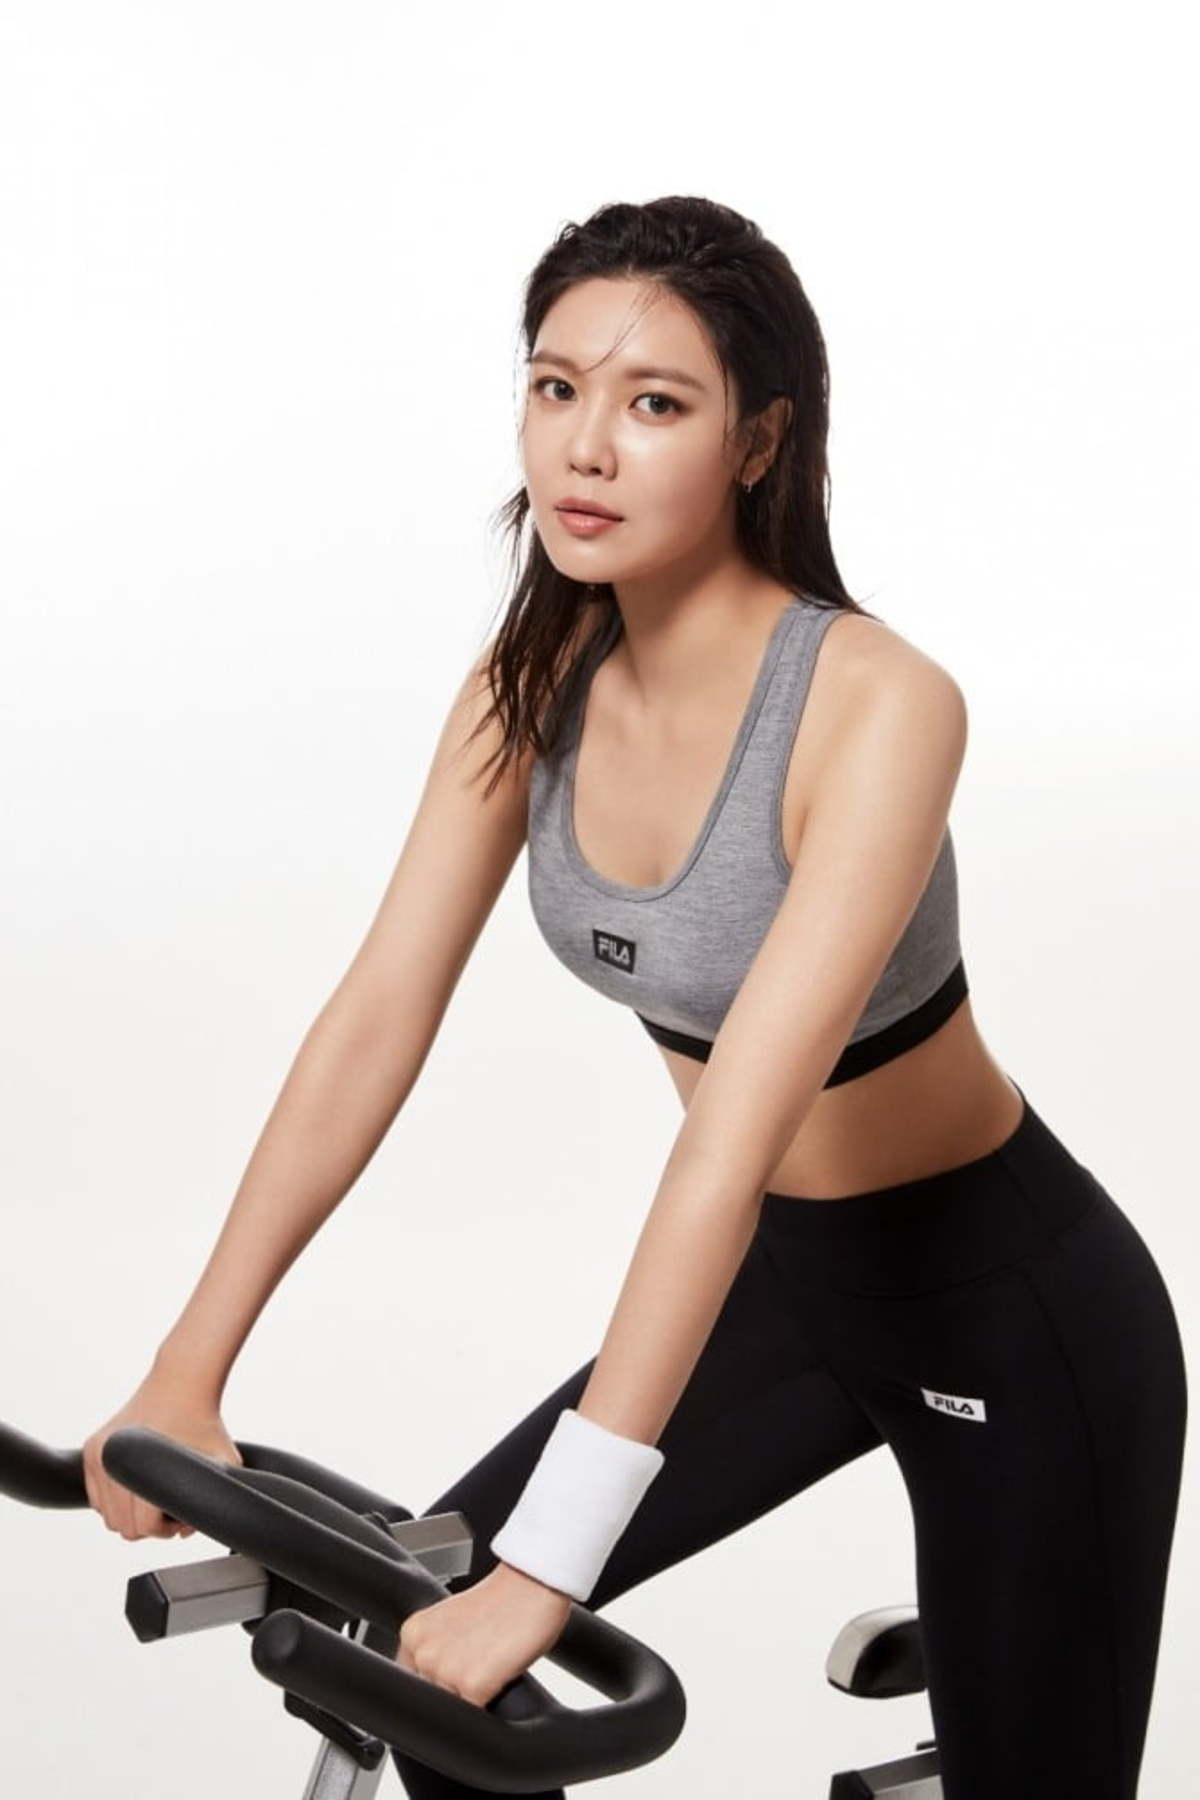 sooyoung fila underwear 7